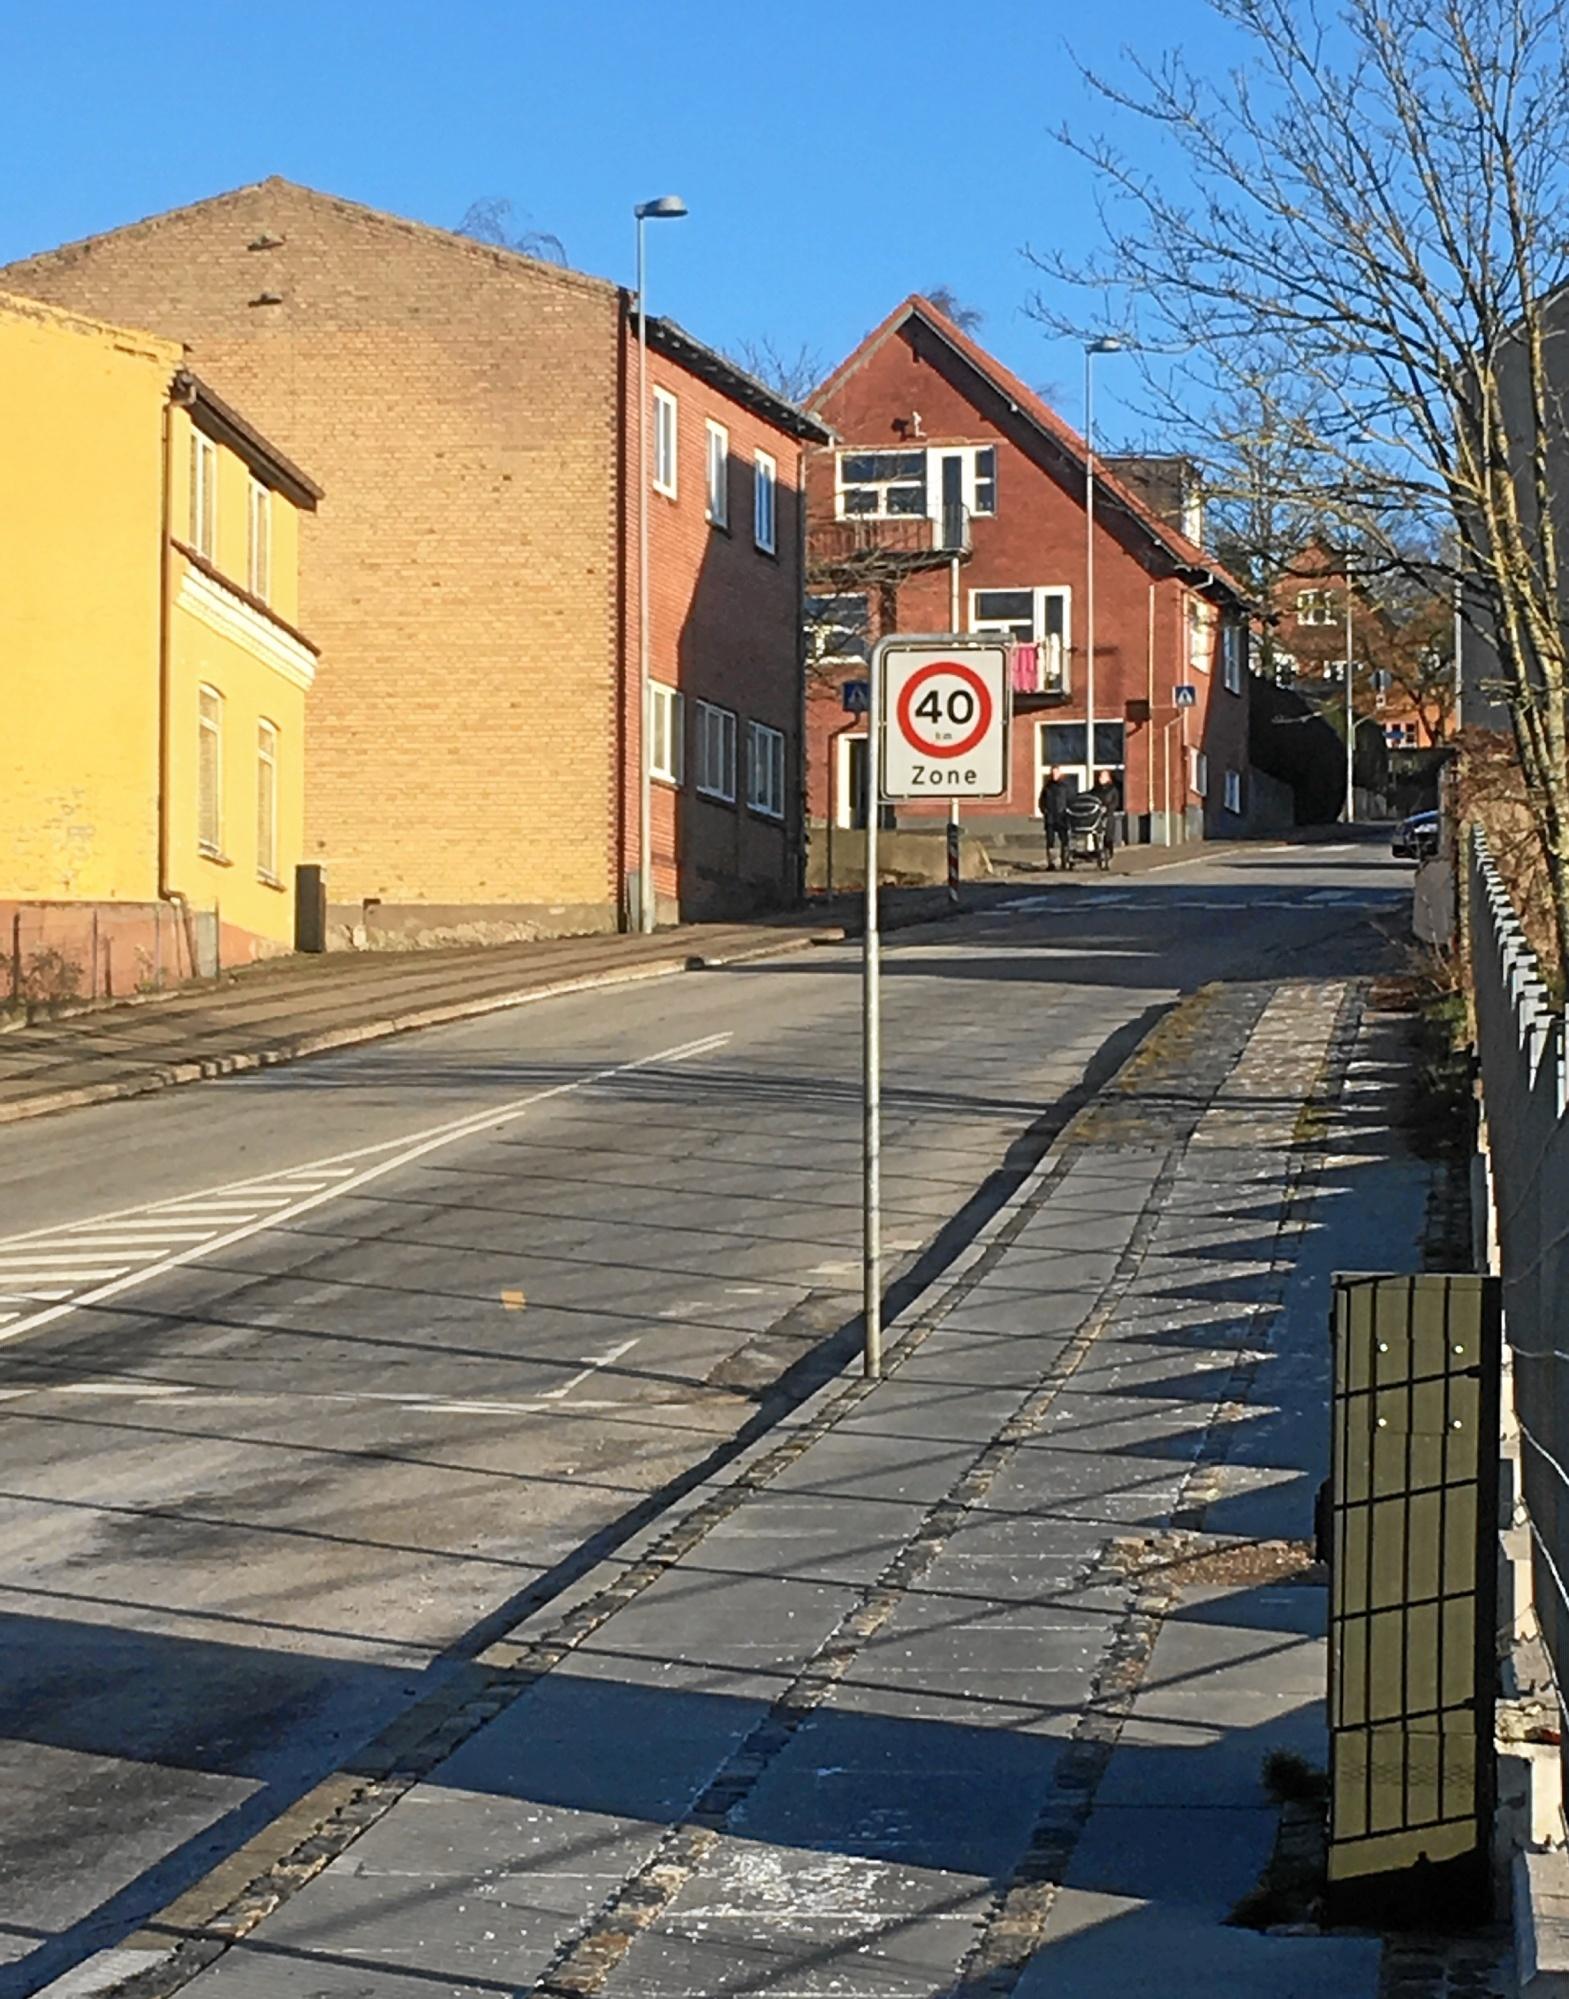 Ups, en svipser: Kommune glemte at sætte forbudsskilte op på plaget smutvej